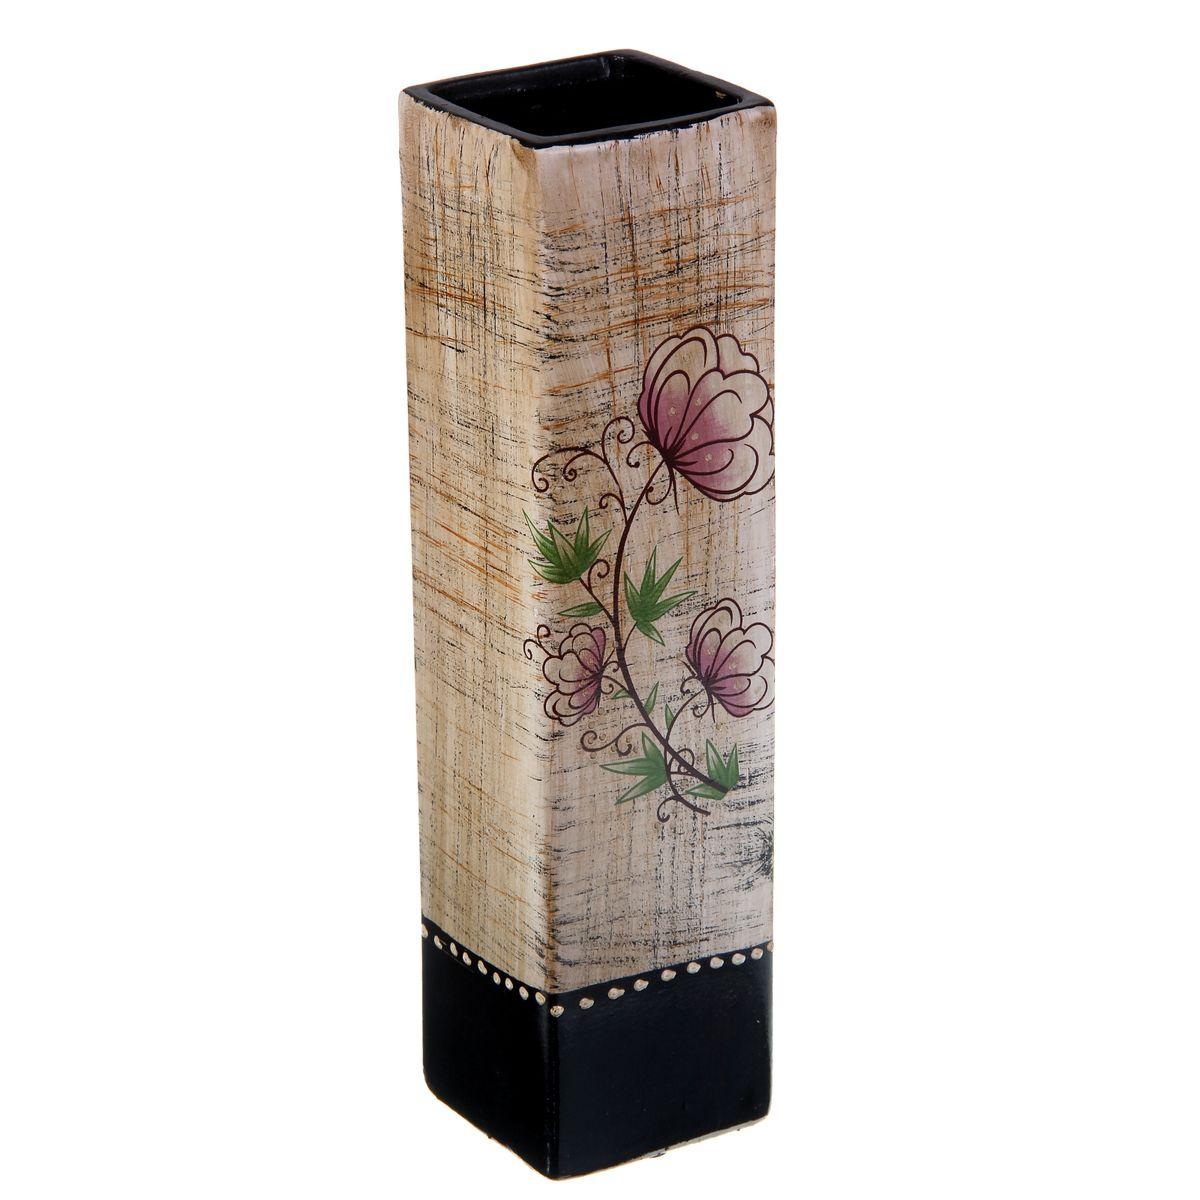 Ваза керамика цветочная 30*8*10 см прямая 912903912903Керамика